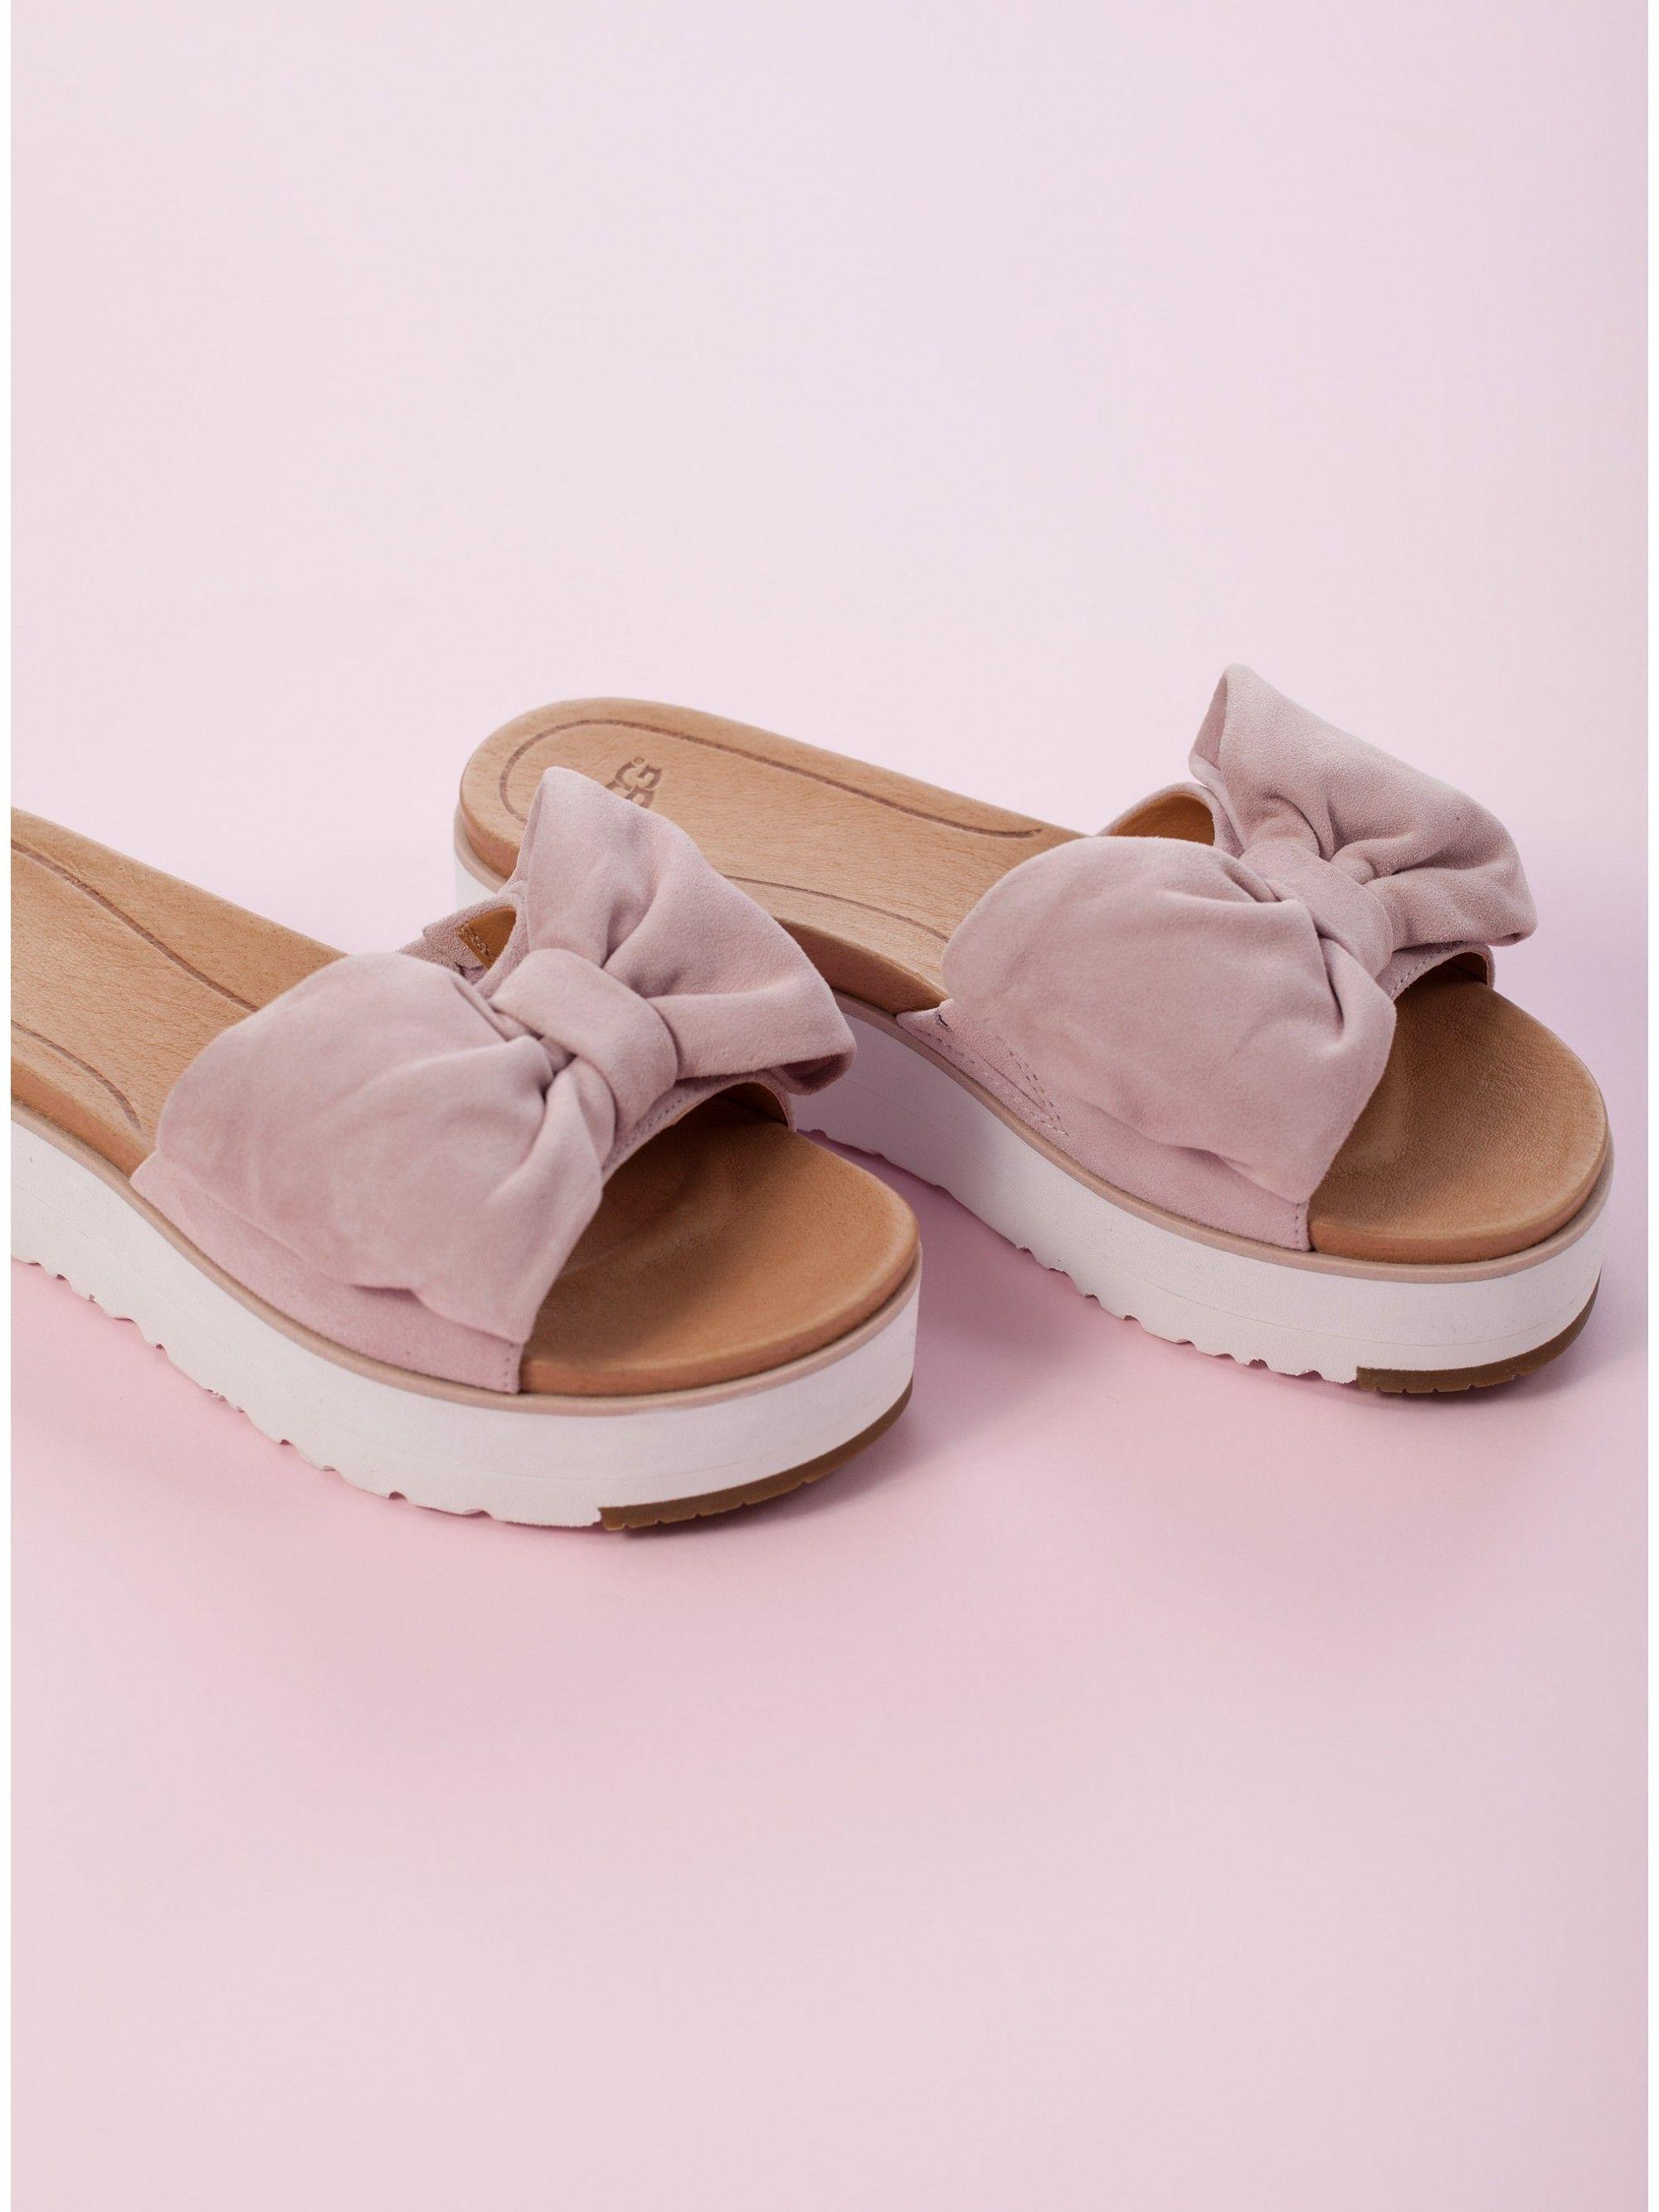 6982ac05677 Ugg Australia Sandals Joan-Pink - Footwear - Women in 2019